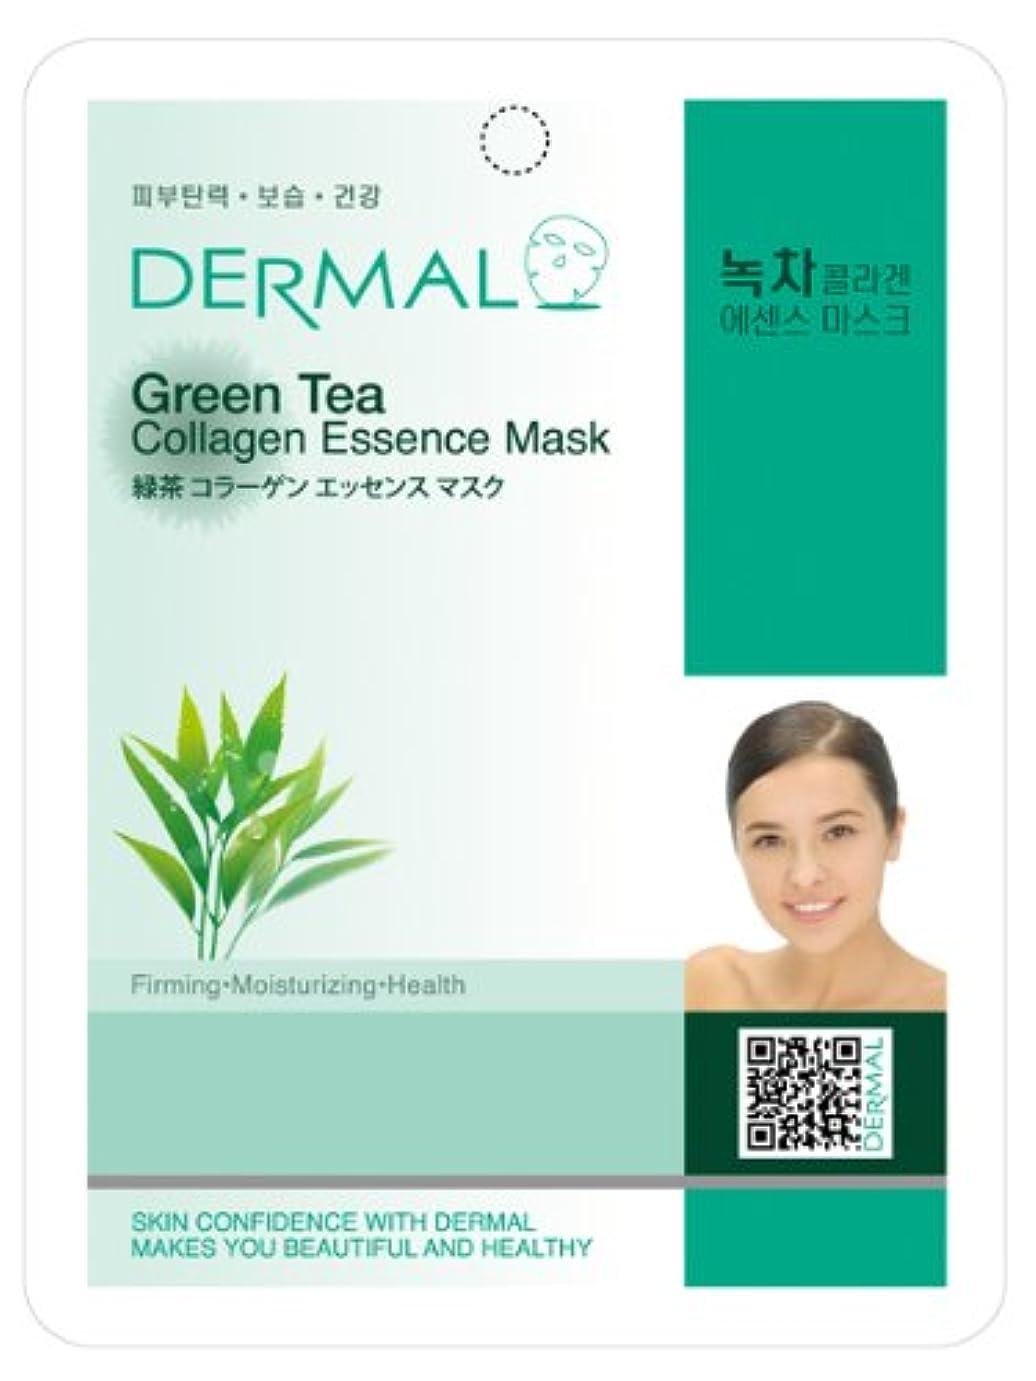 汗憤る送るシートマスク 緑茶 100枚セット ダーマル(Dermal) フェイス パック